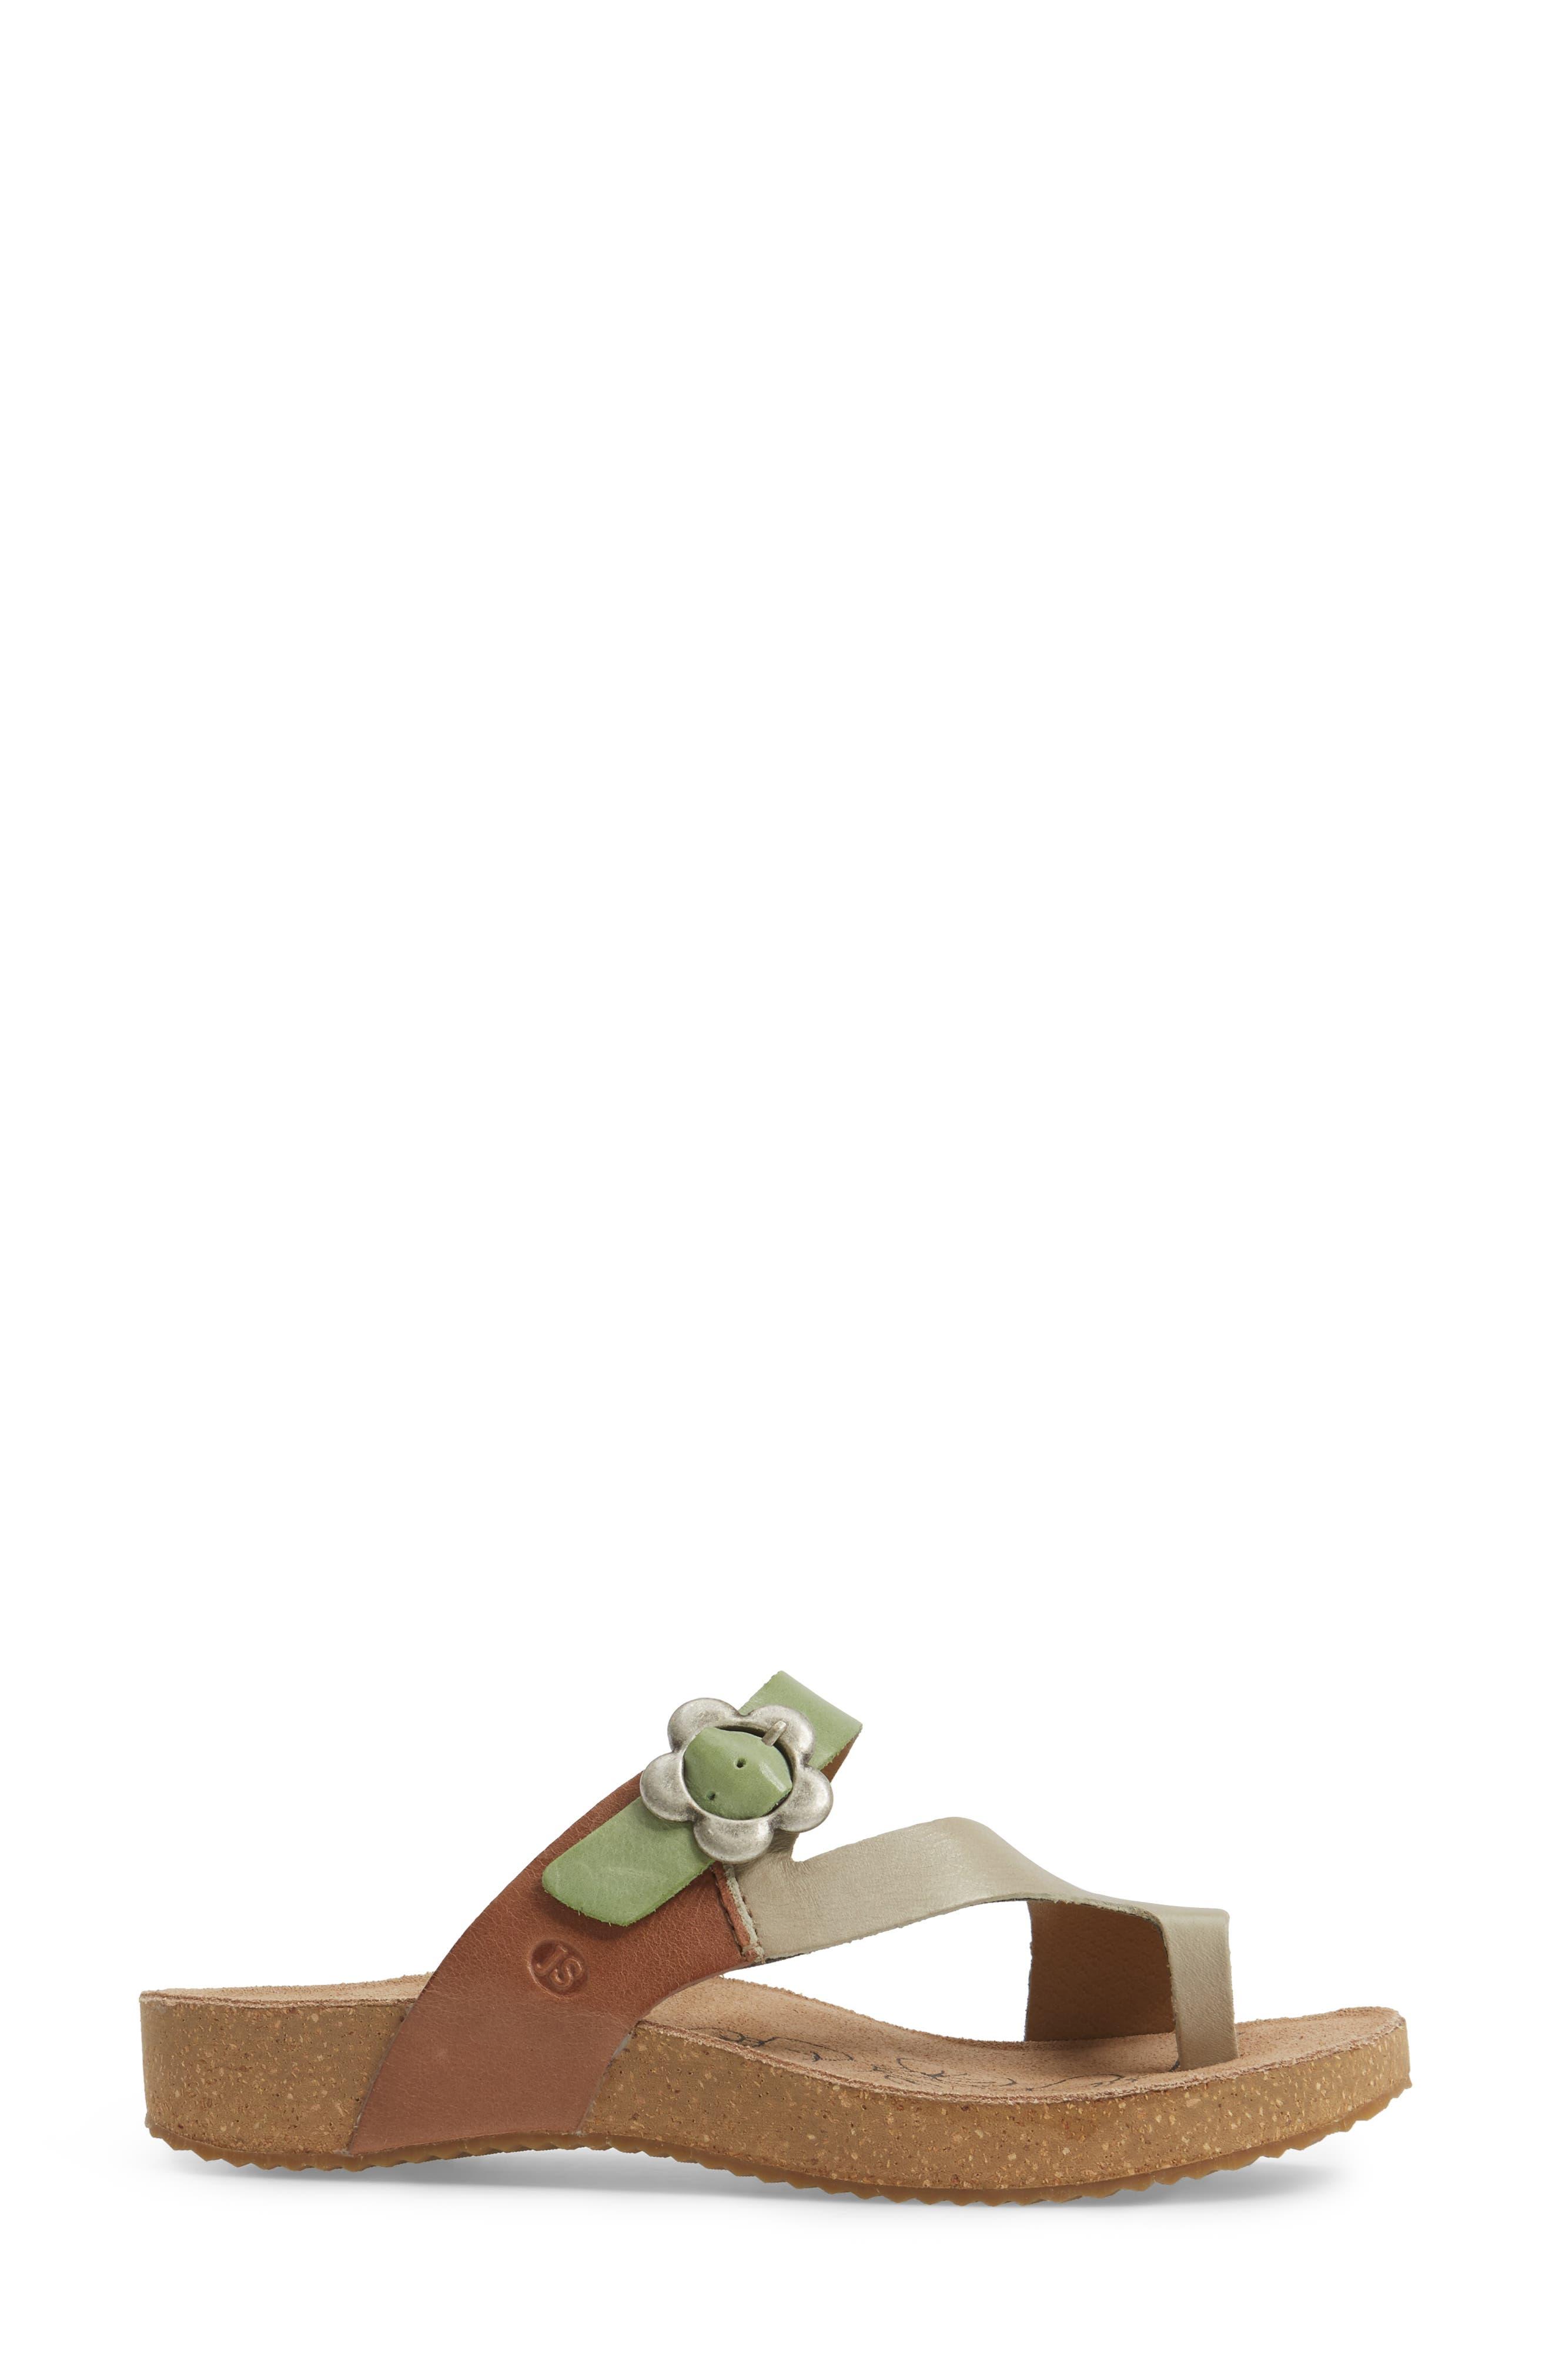 Tonga 23 Sandal,                             Alternate thumbnail 3, color,                             Grey Multi Leather